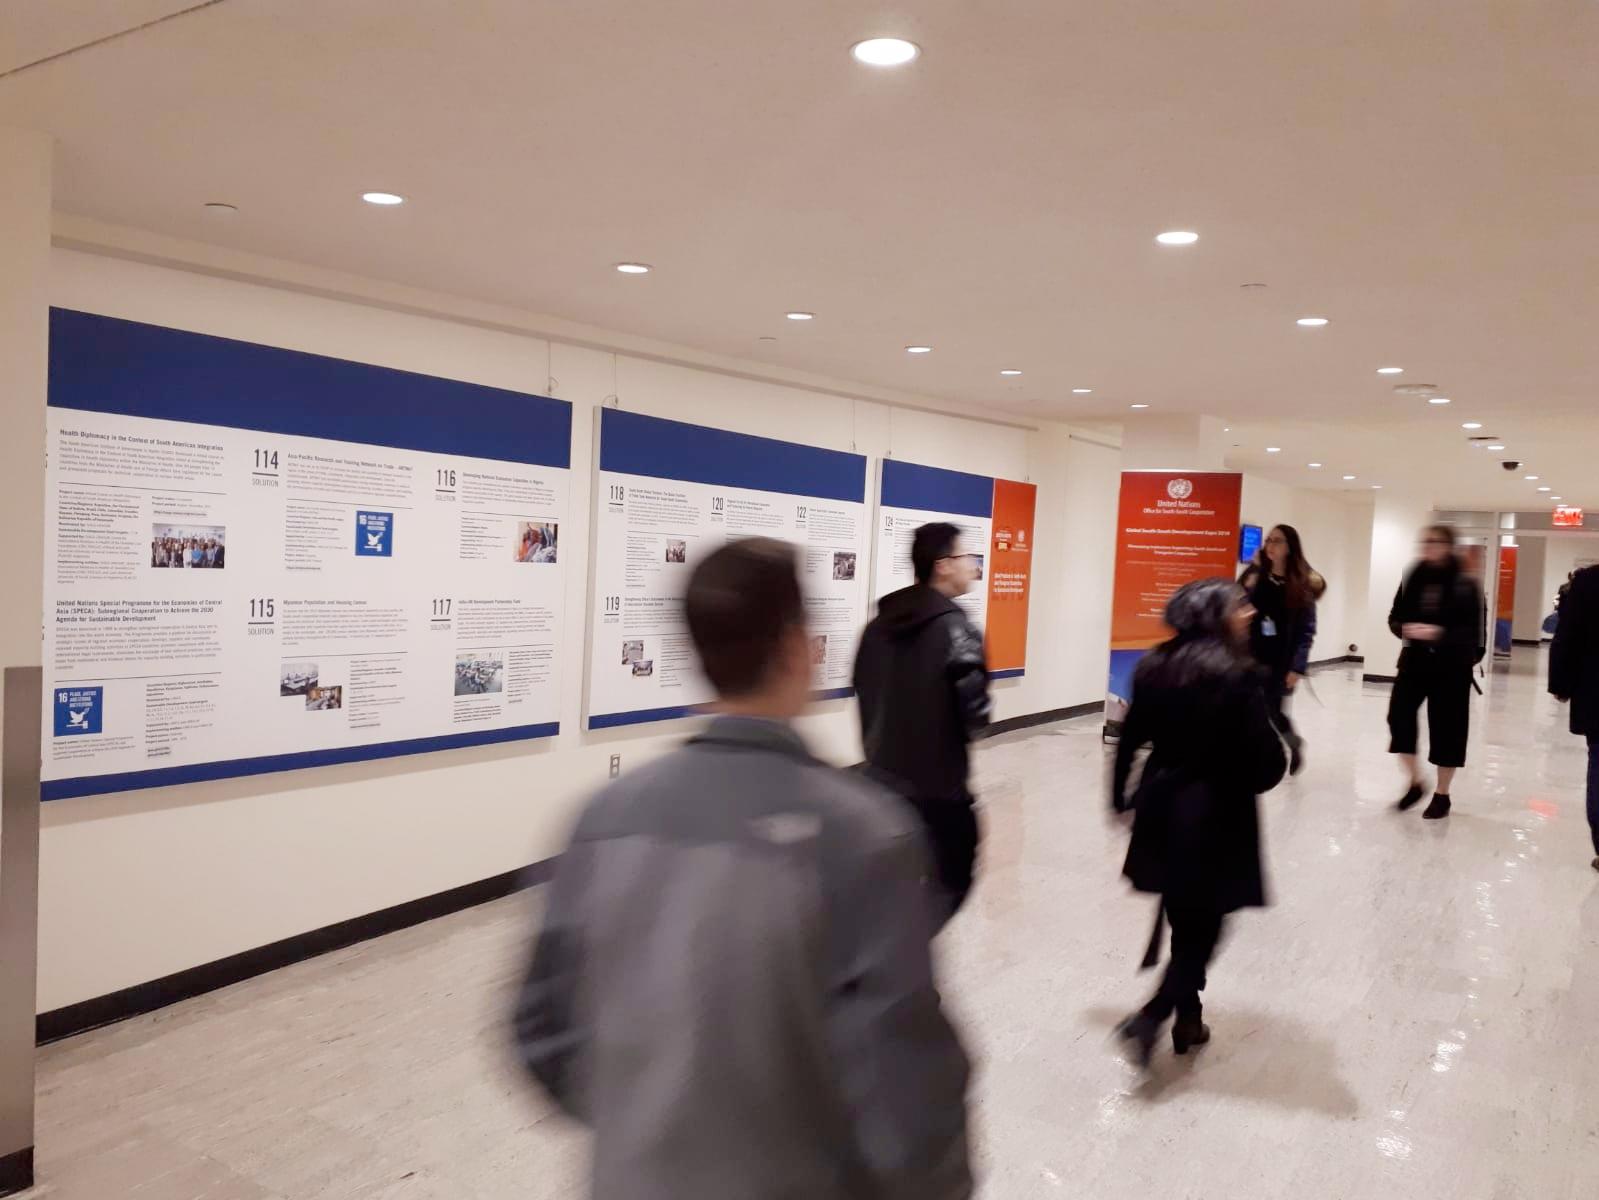 El espacio de exposición del GSSD2018 con carteles presentando los diferentes proyectos y programas de Cooperación Sur-Sur y Cooperación Triangular.